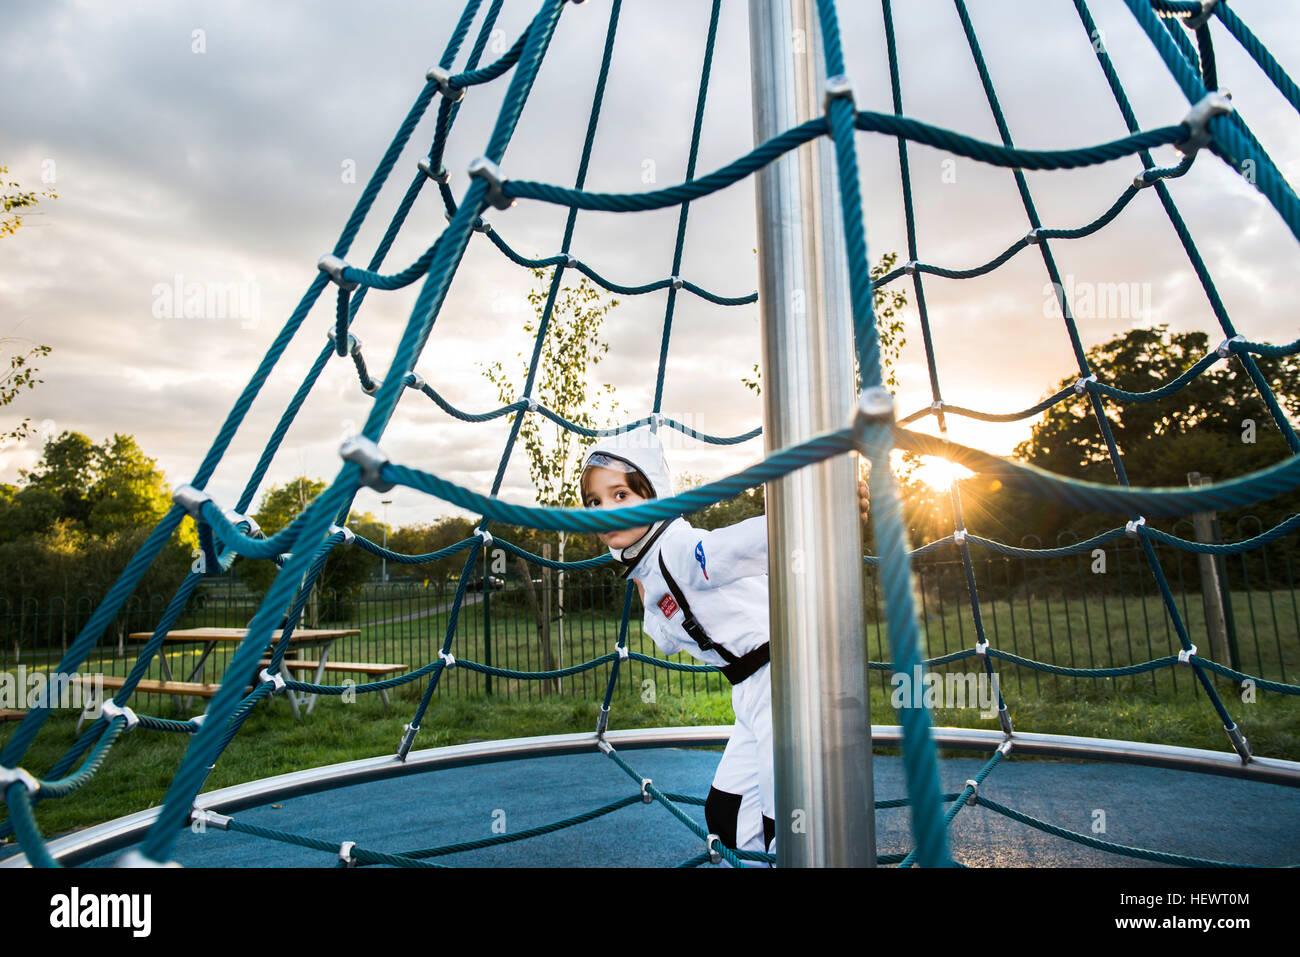 Portrait de jeune garçon en costume d'astronaute se cacher et sur le terrain de jeu d'escalade Photo Stock